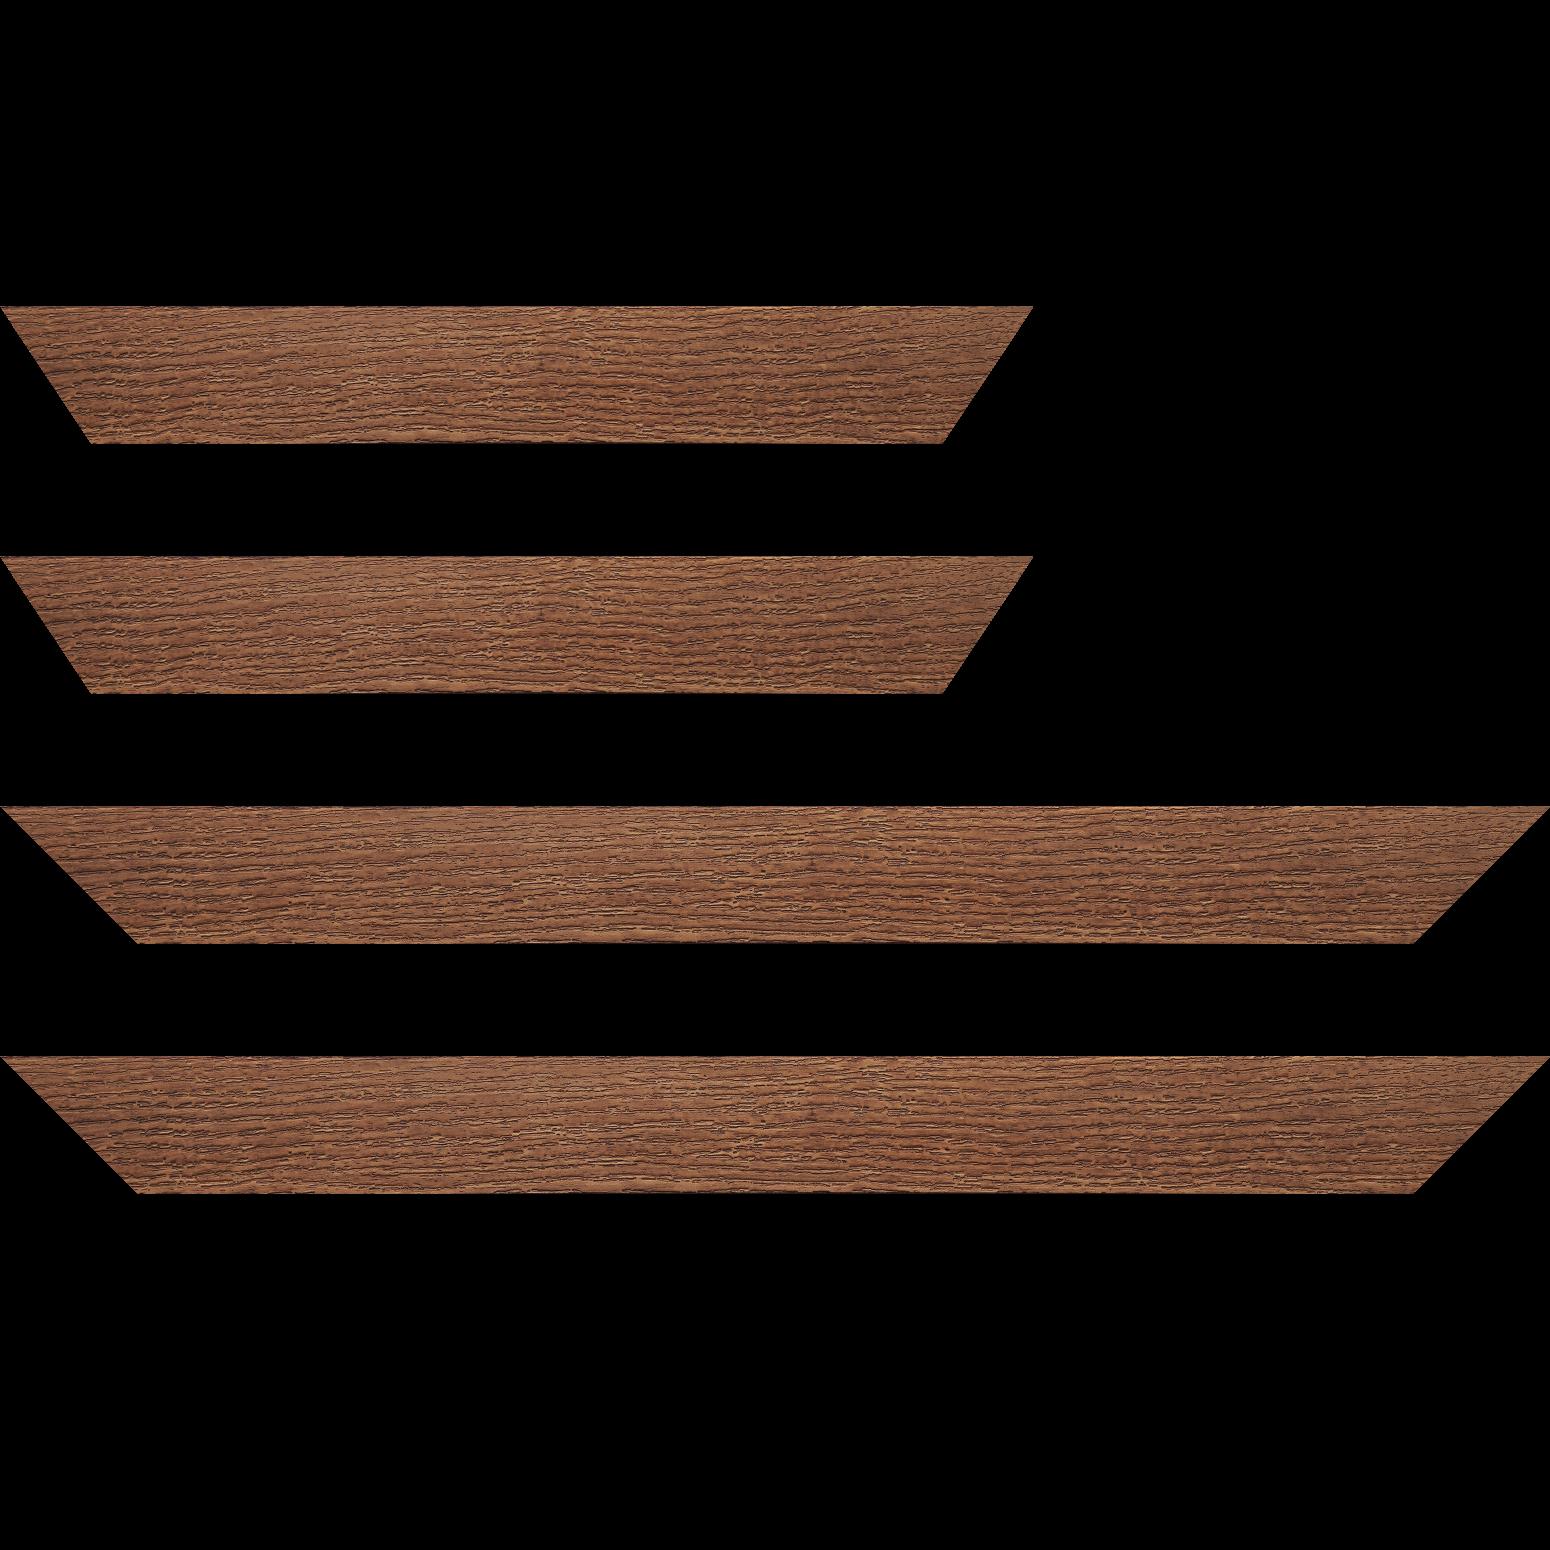 Baguette service précoupé Bois profil plat largeur 4.4cm couleur marron miel finition veiné